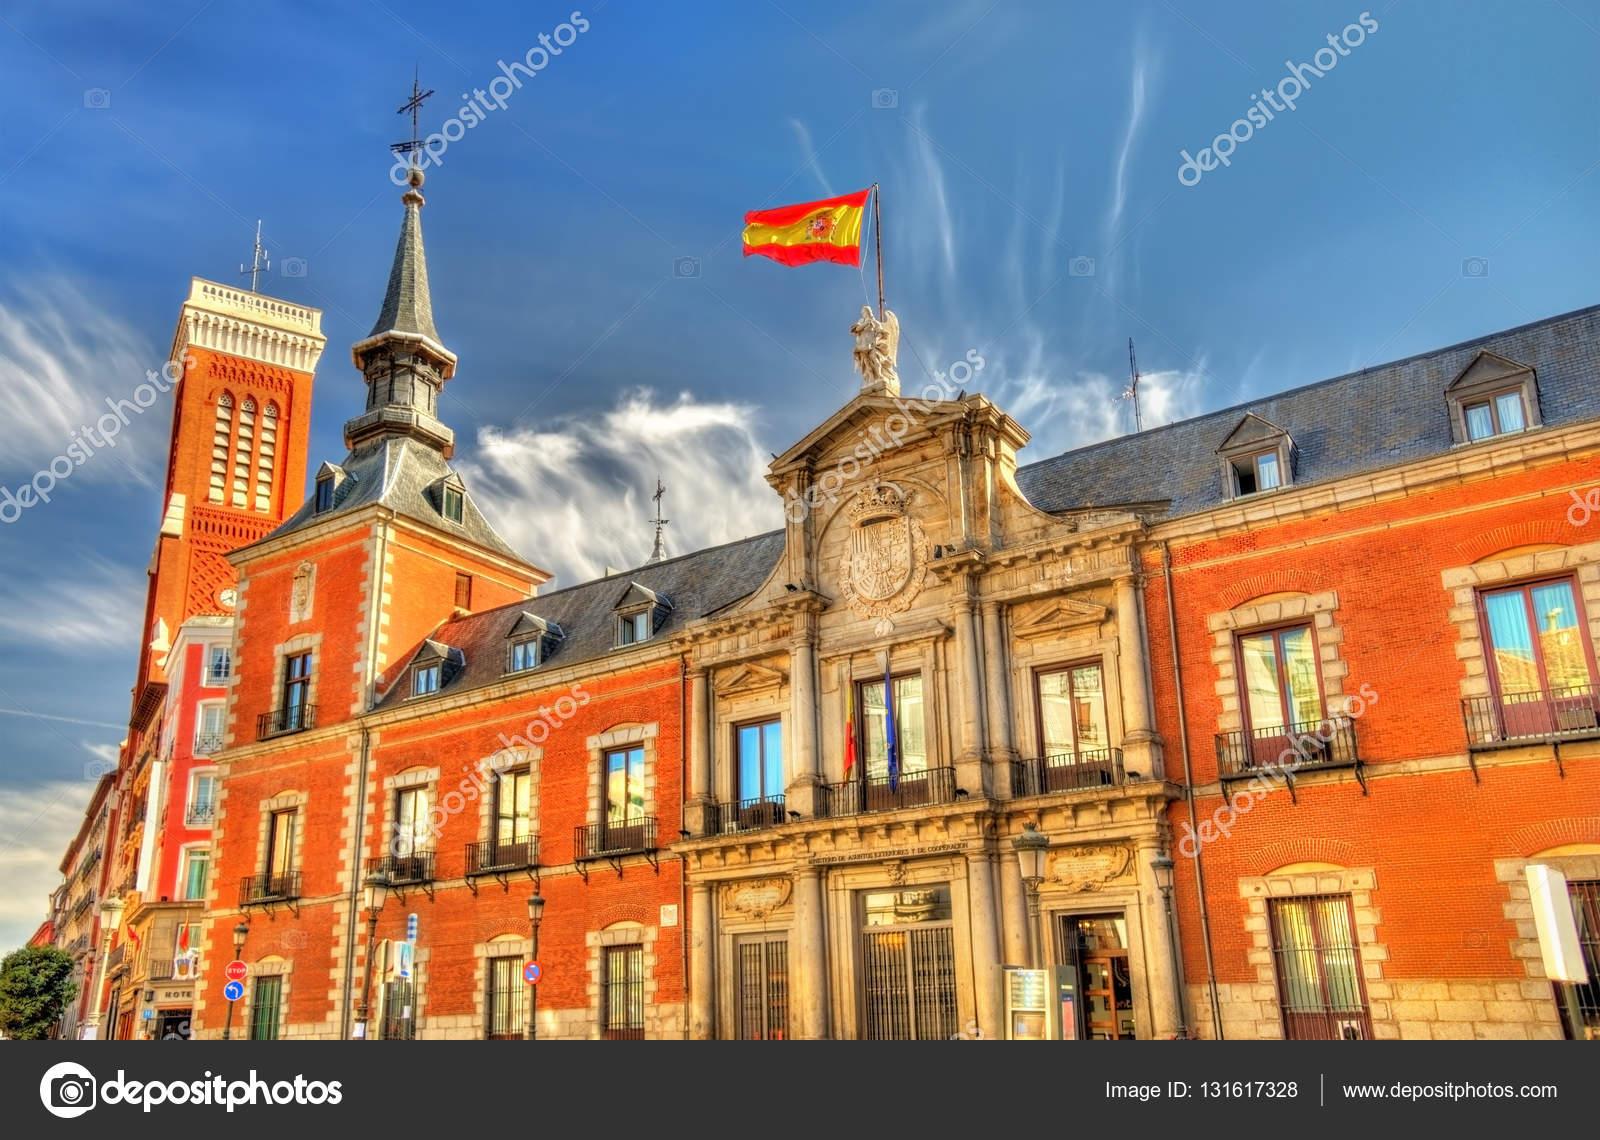 Palacio De Santa Cruz La Sede Del Ministerio De Asuntos Exteriores